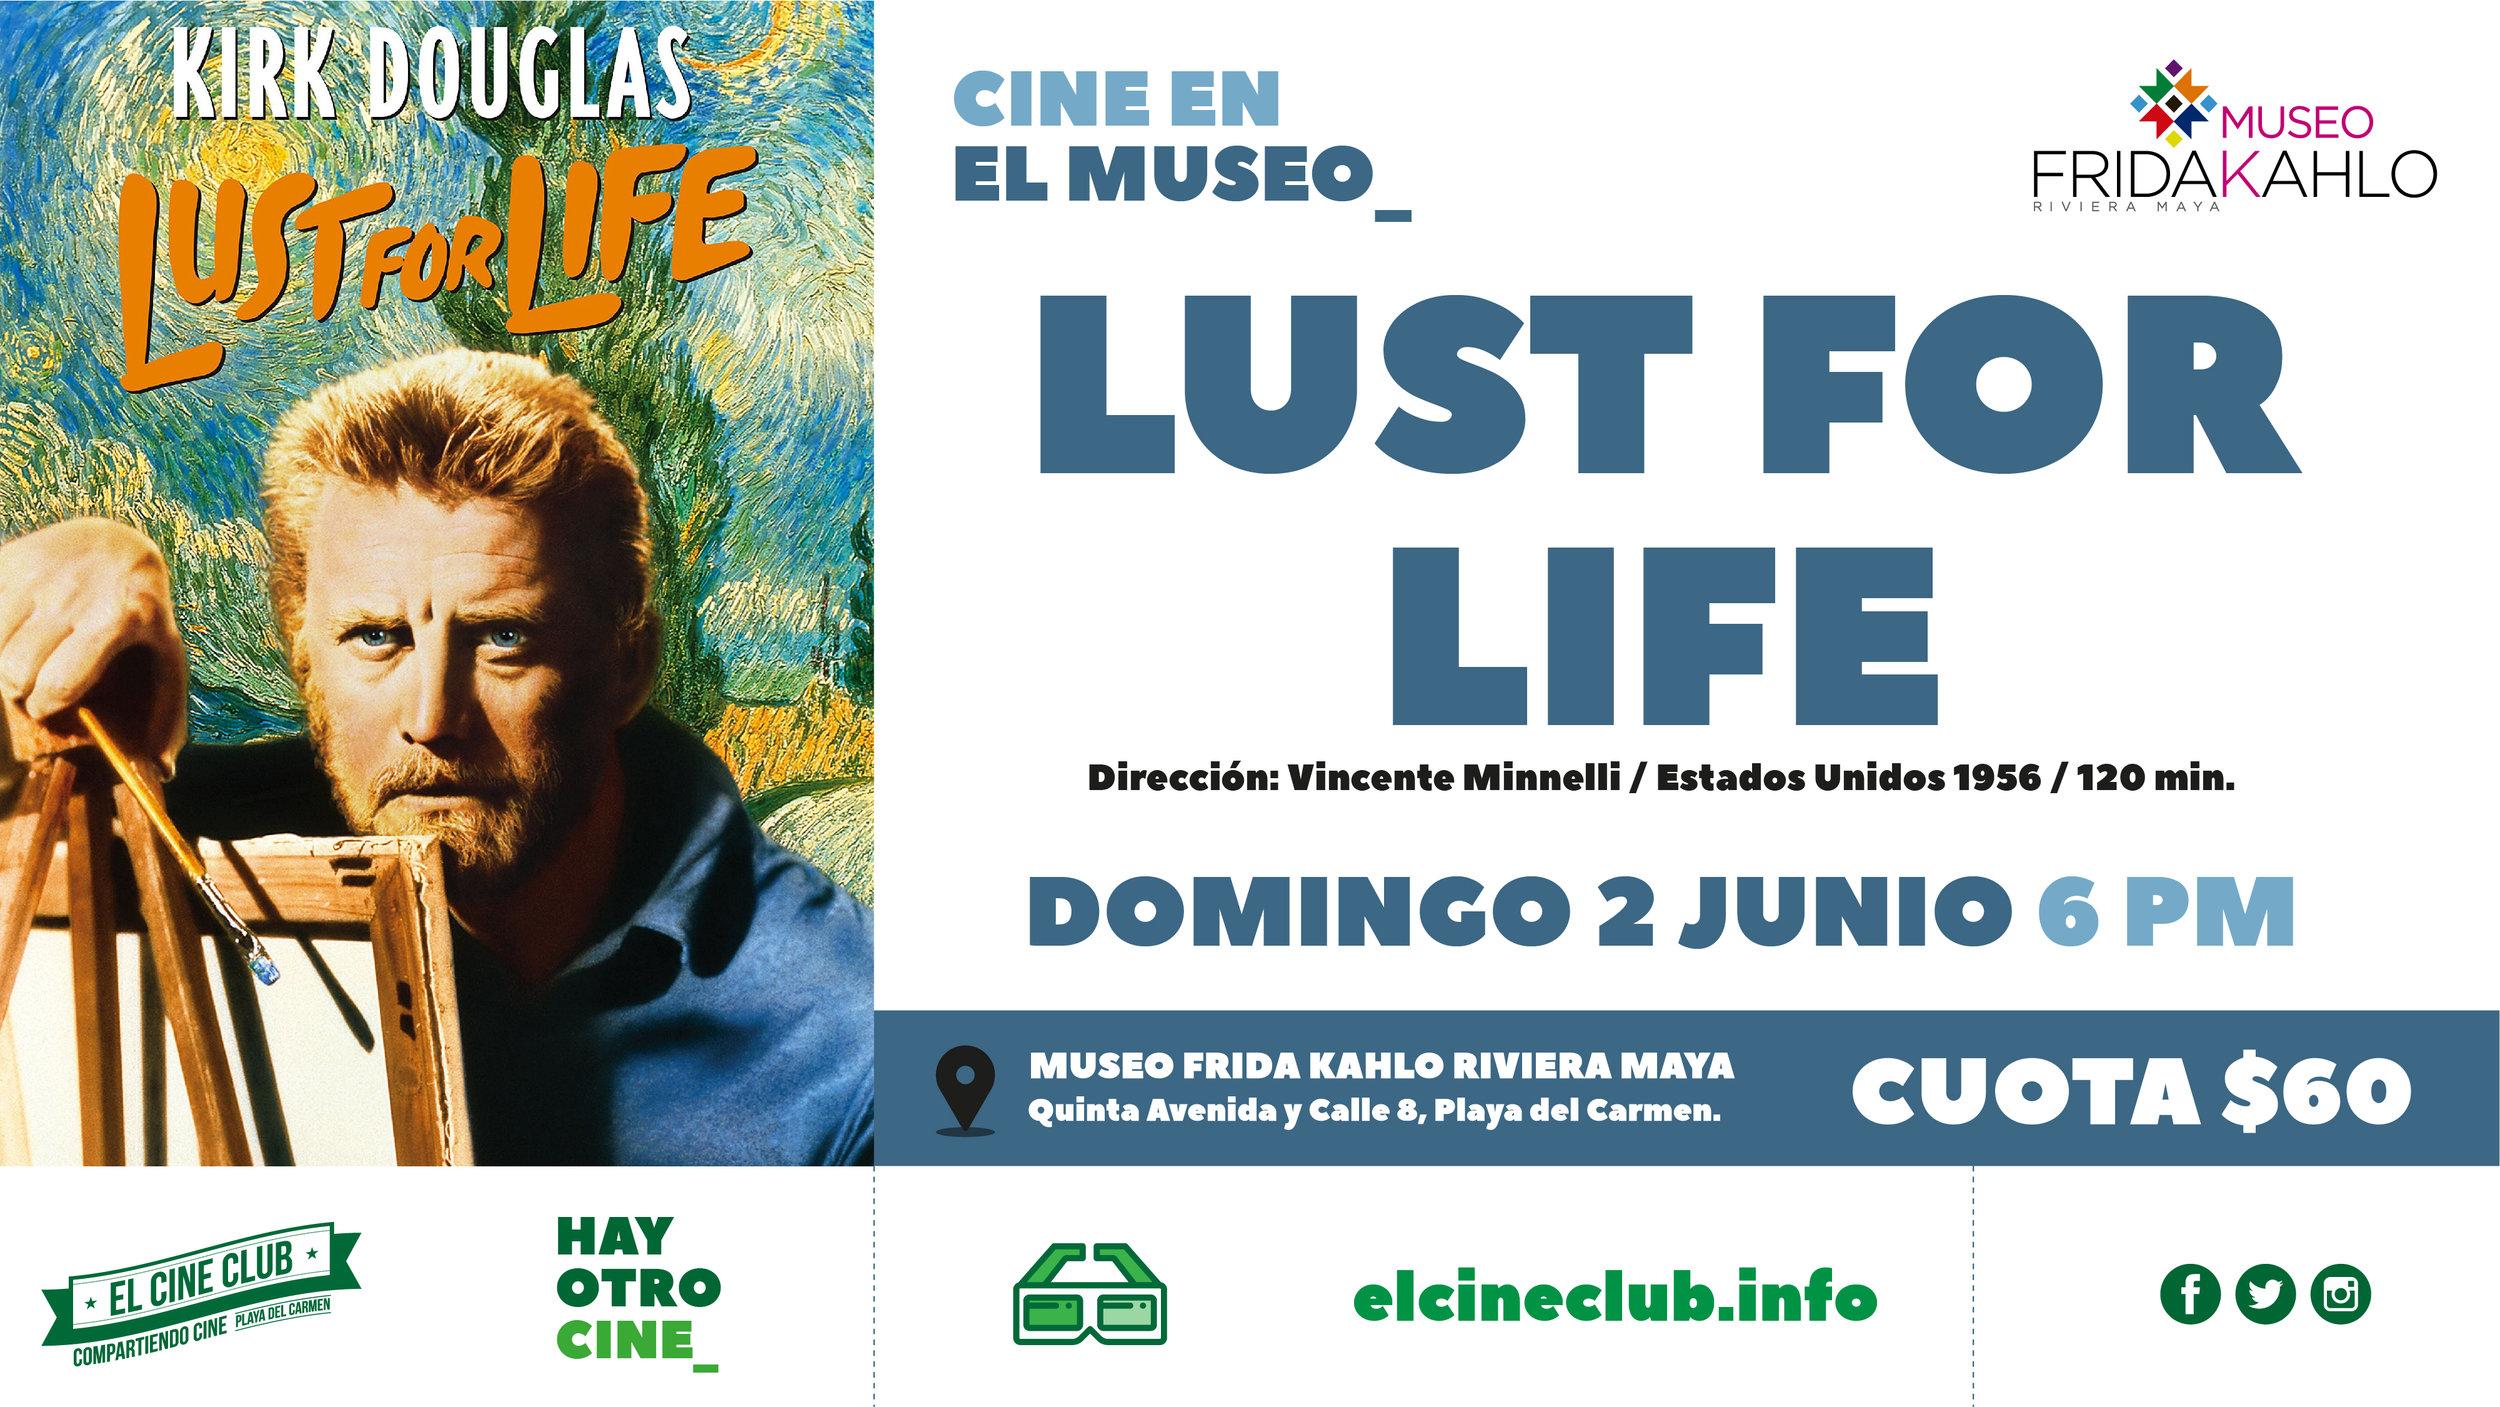 Lust_For_Life_MFK_Mesa de trabajo 1 copia 2 copy 11.jpg